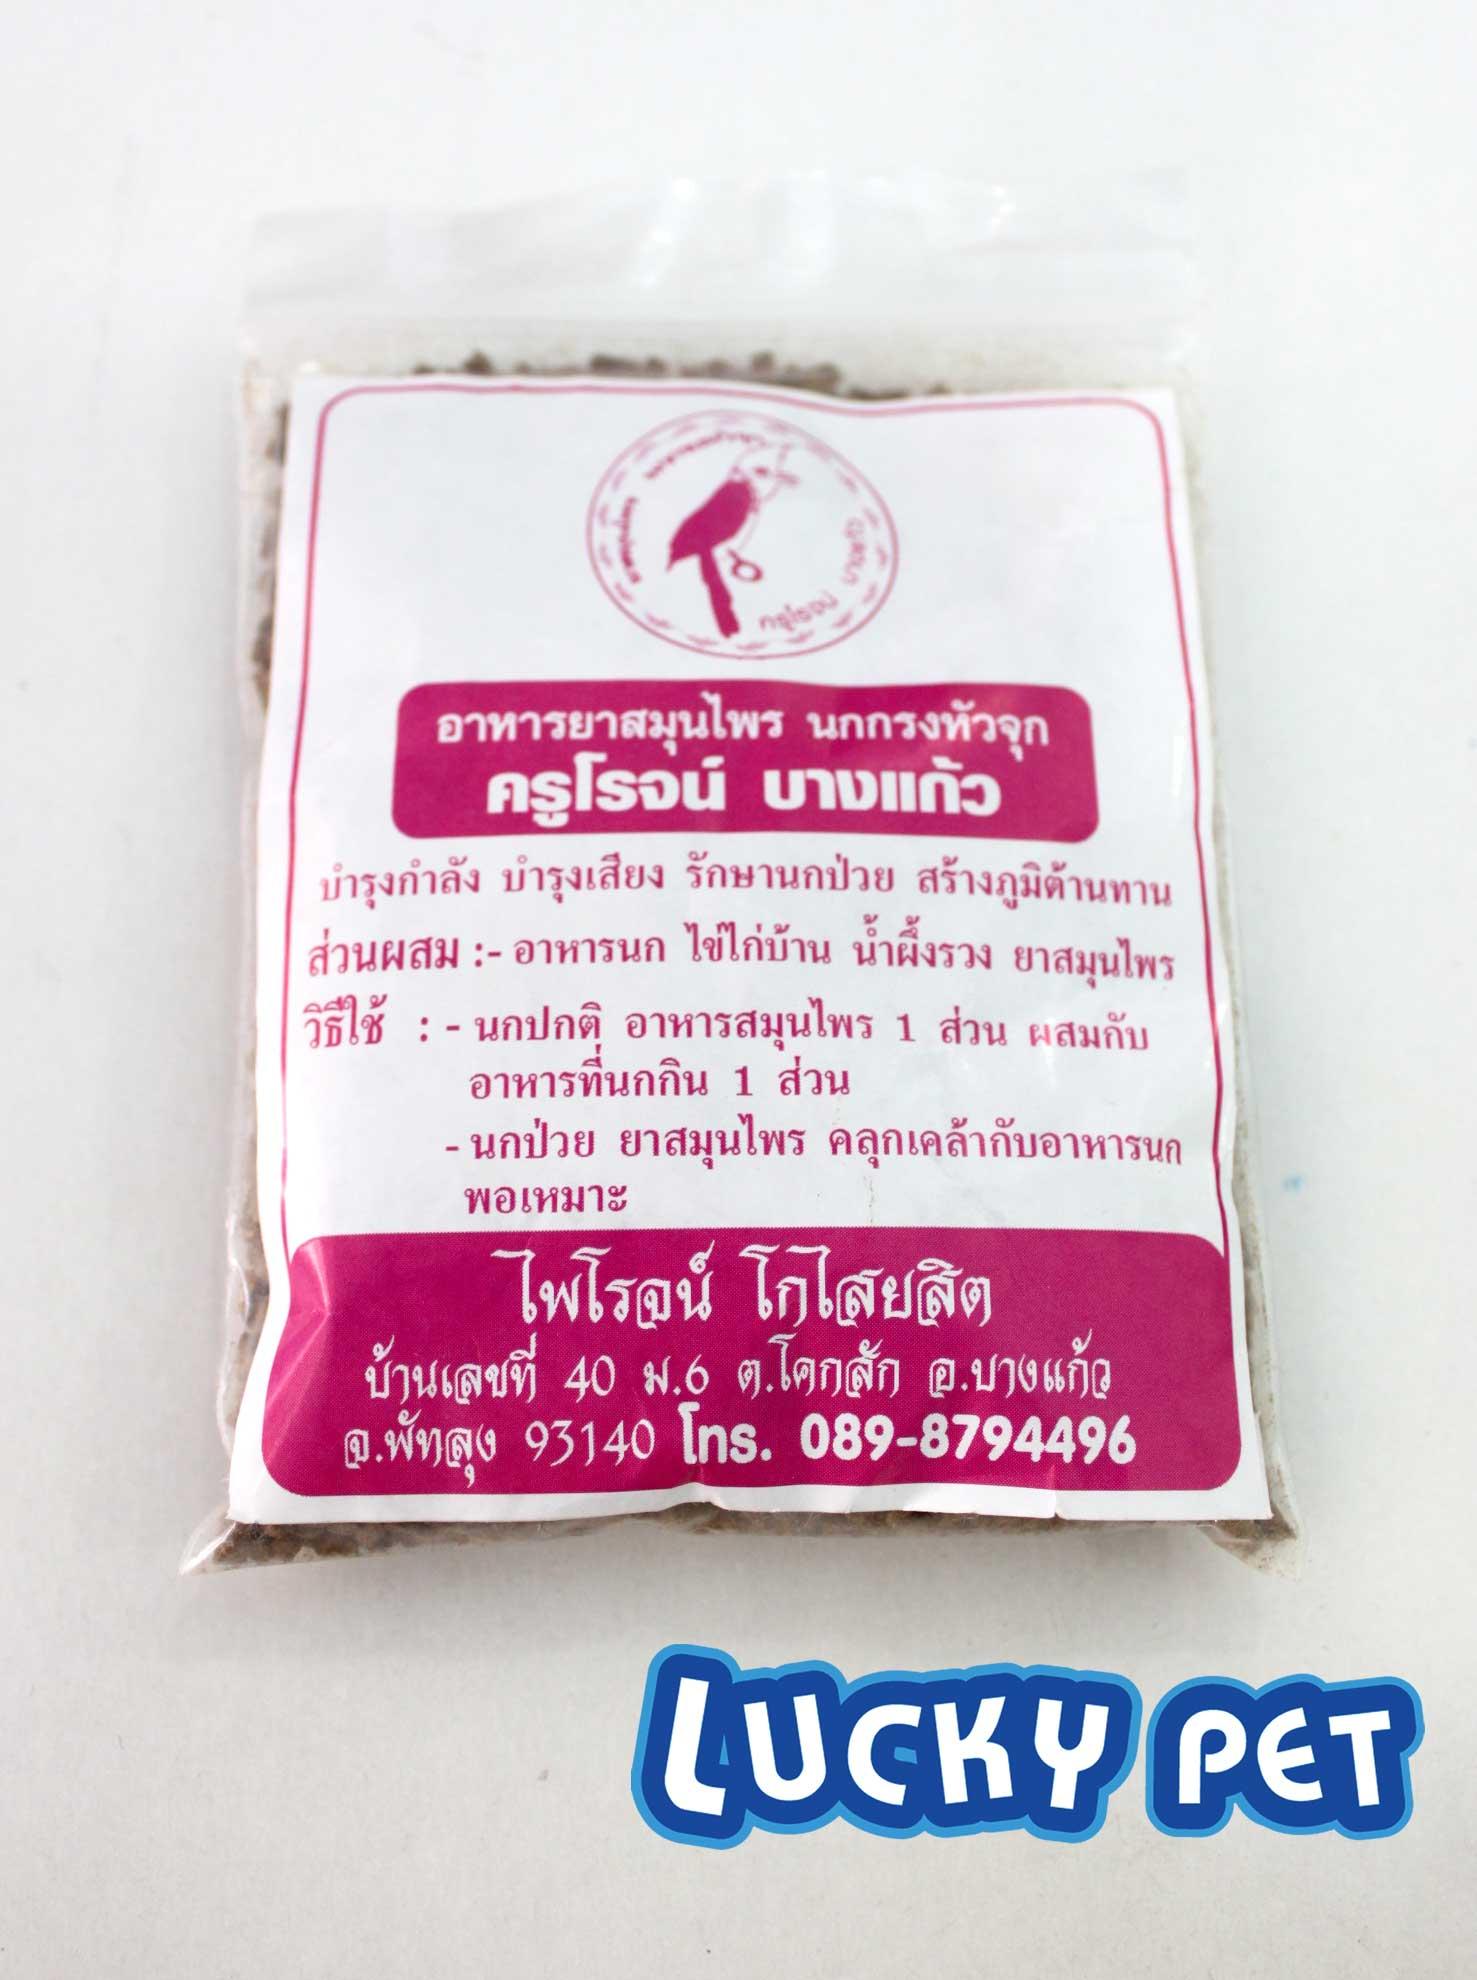 อาหารยาสมุนไพร นกกรงหัวจุก ครูโรจน์ บางแก้วพิเศษ!!!!สั่งซื้อ1โหลในราคาโหลละ 390 บาท